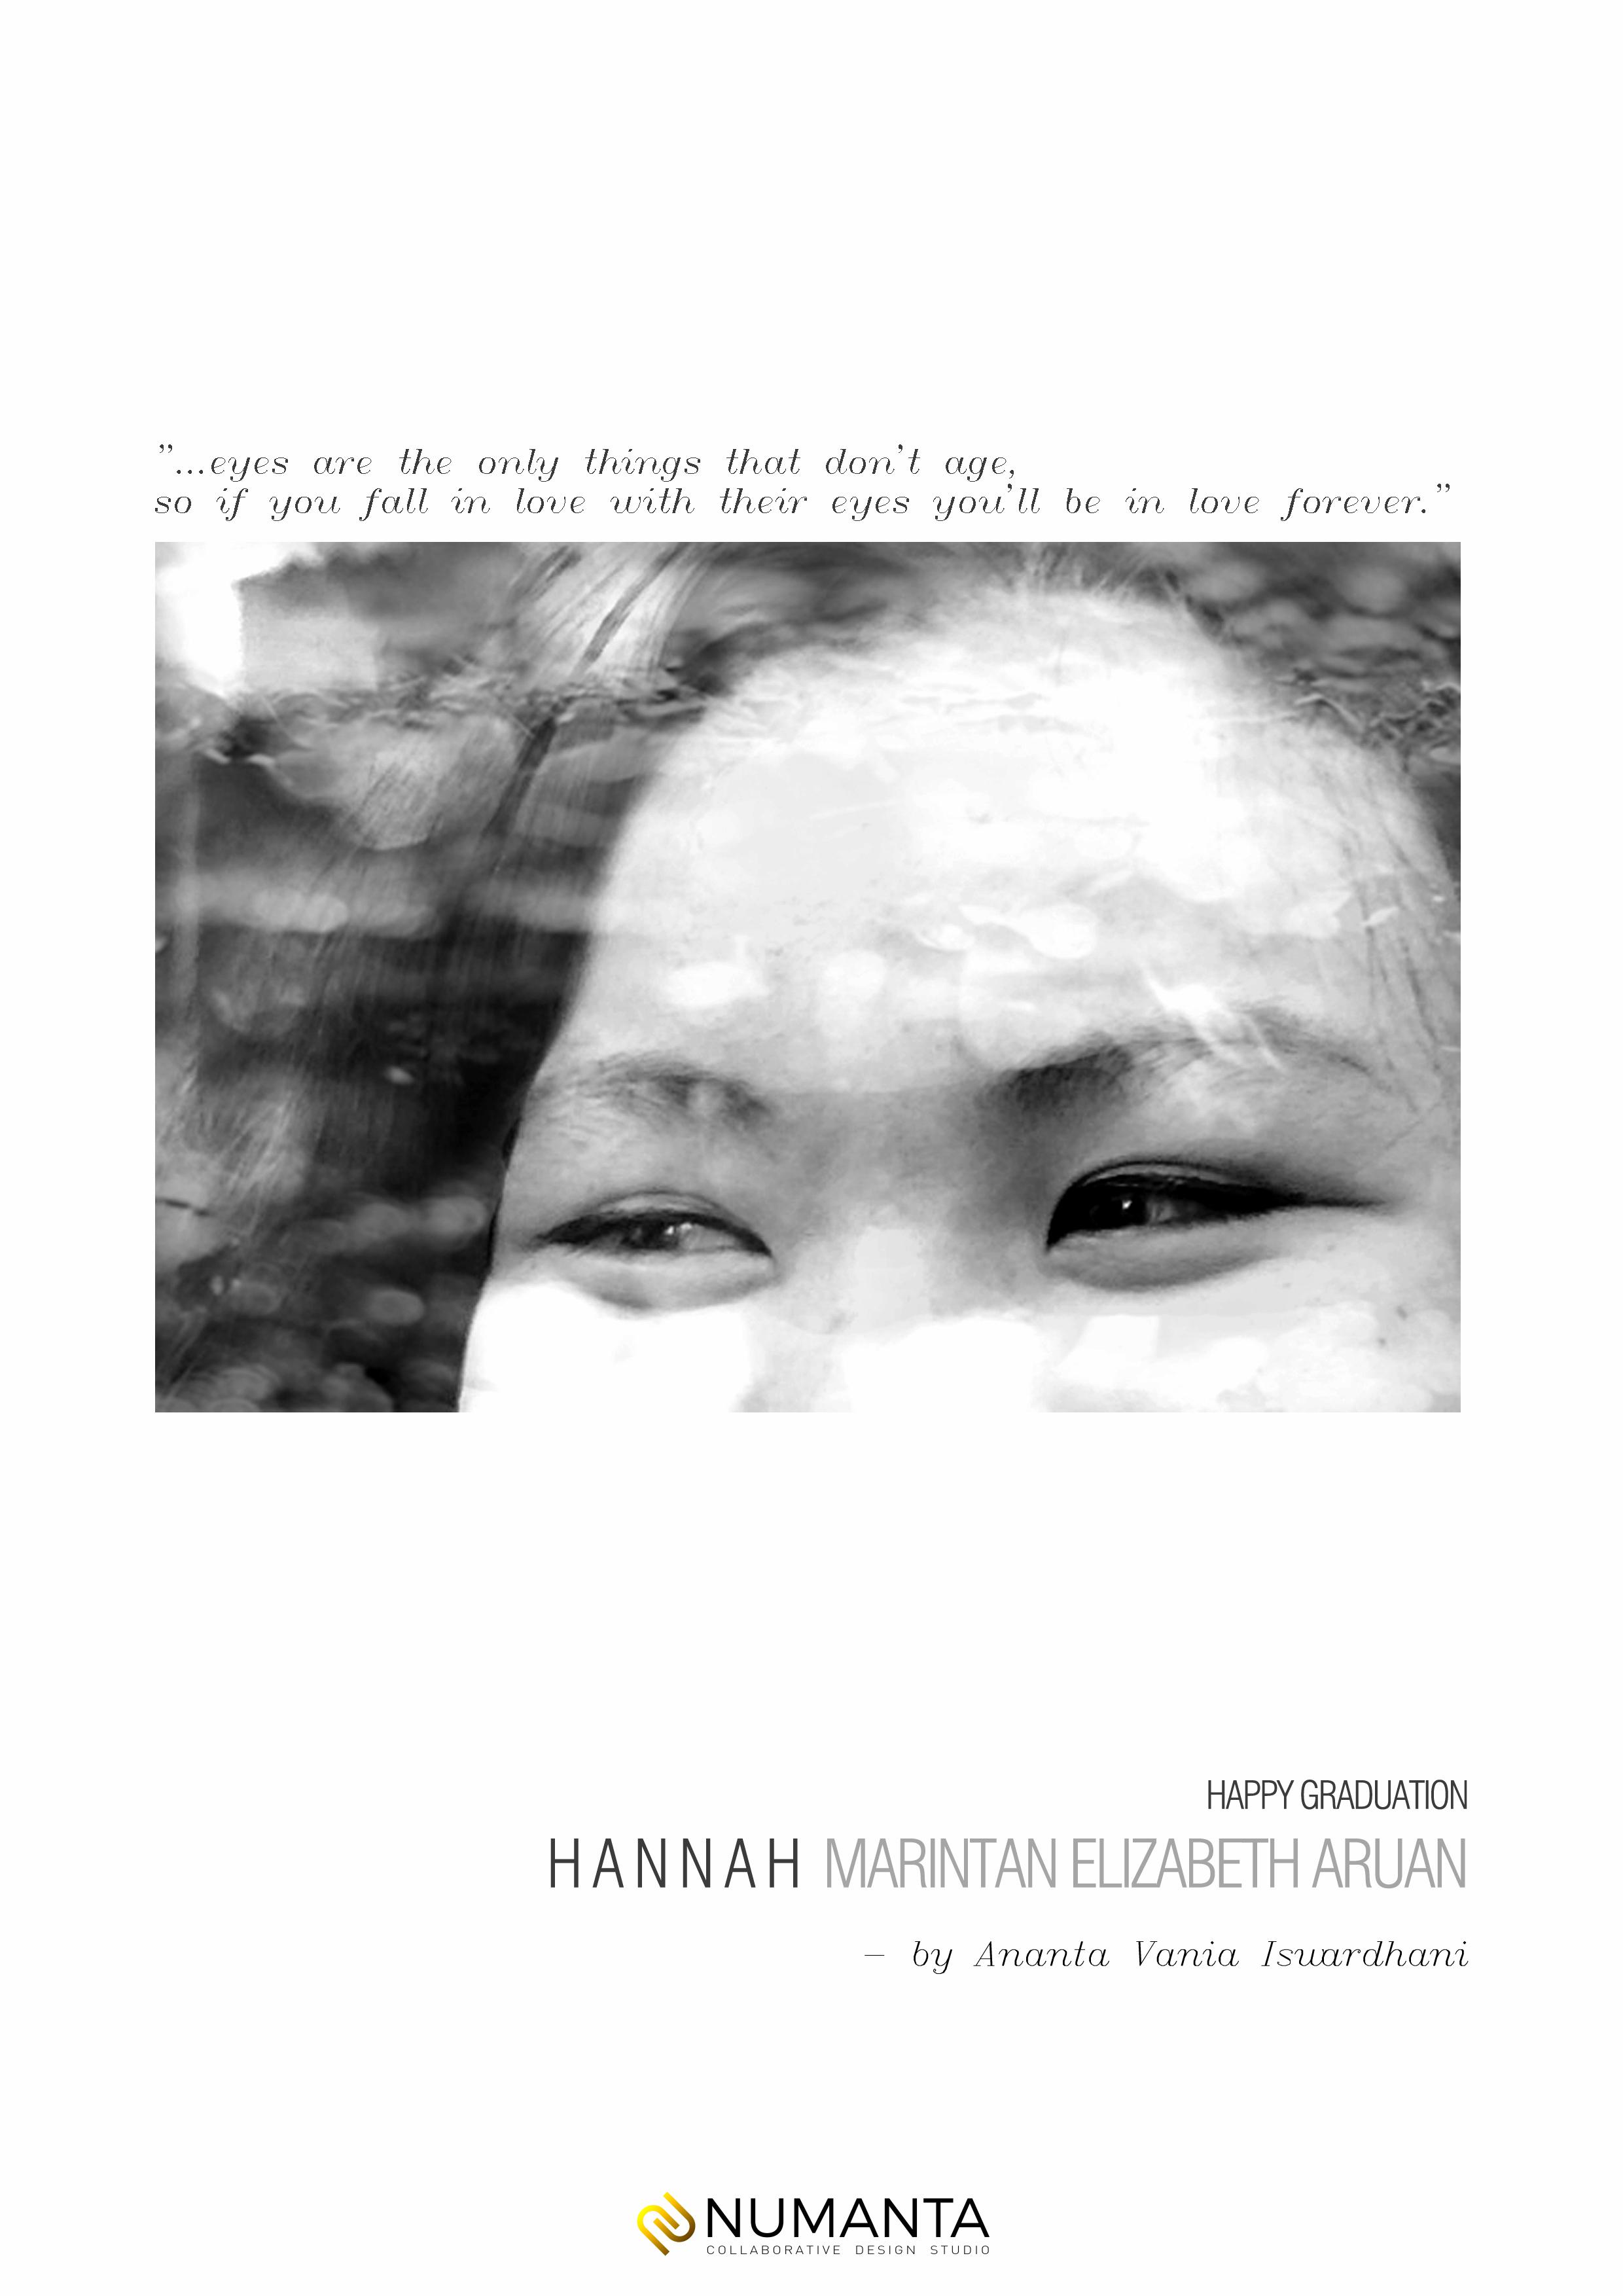 HANNAH copy